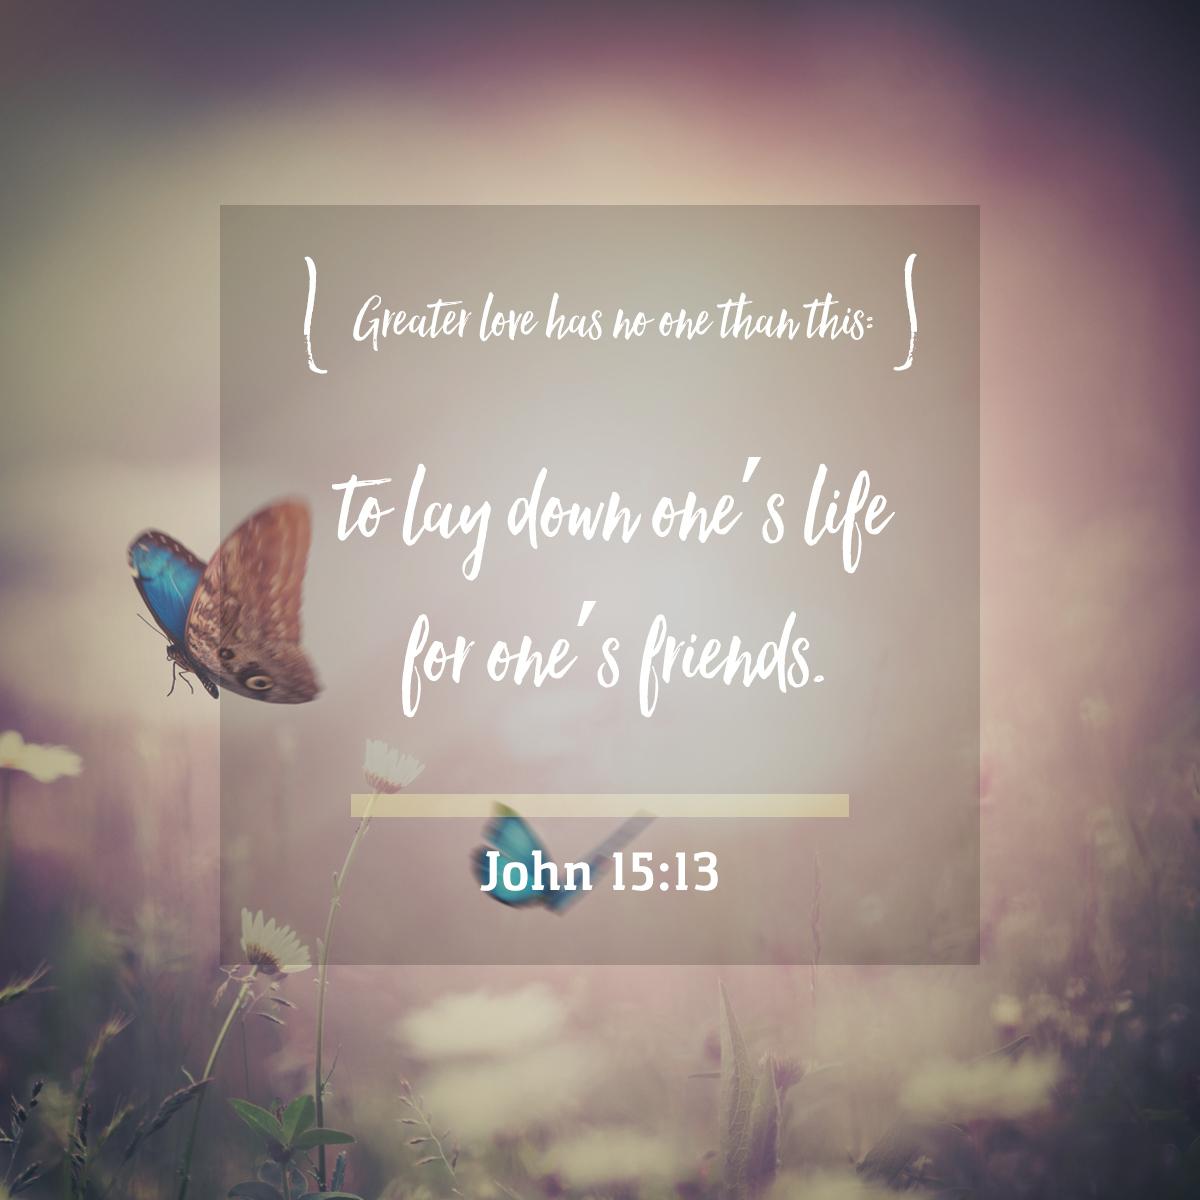 John 15:13 -